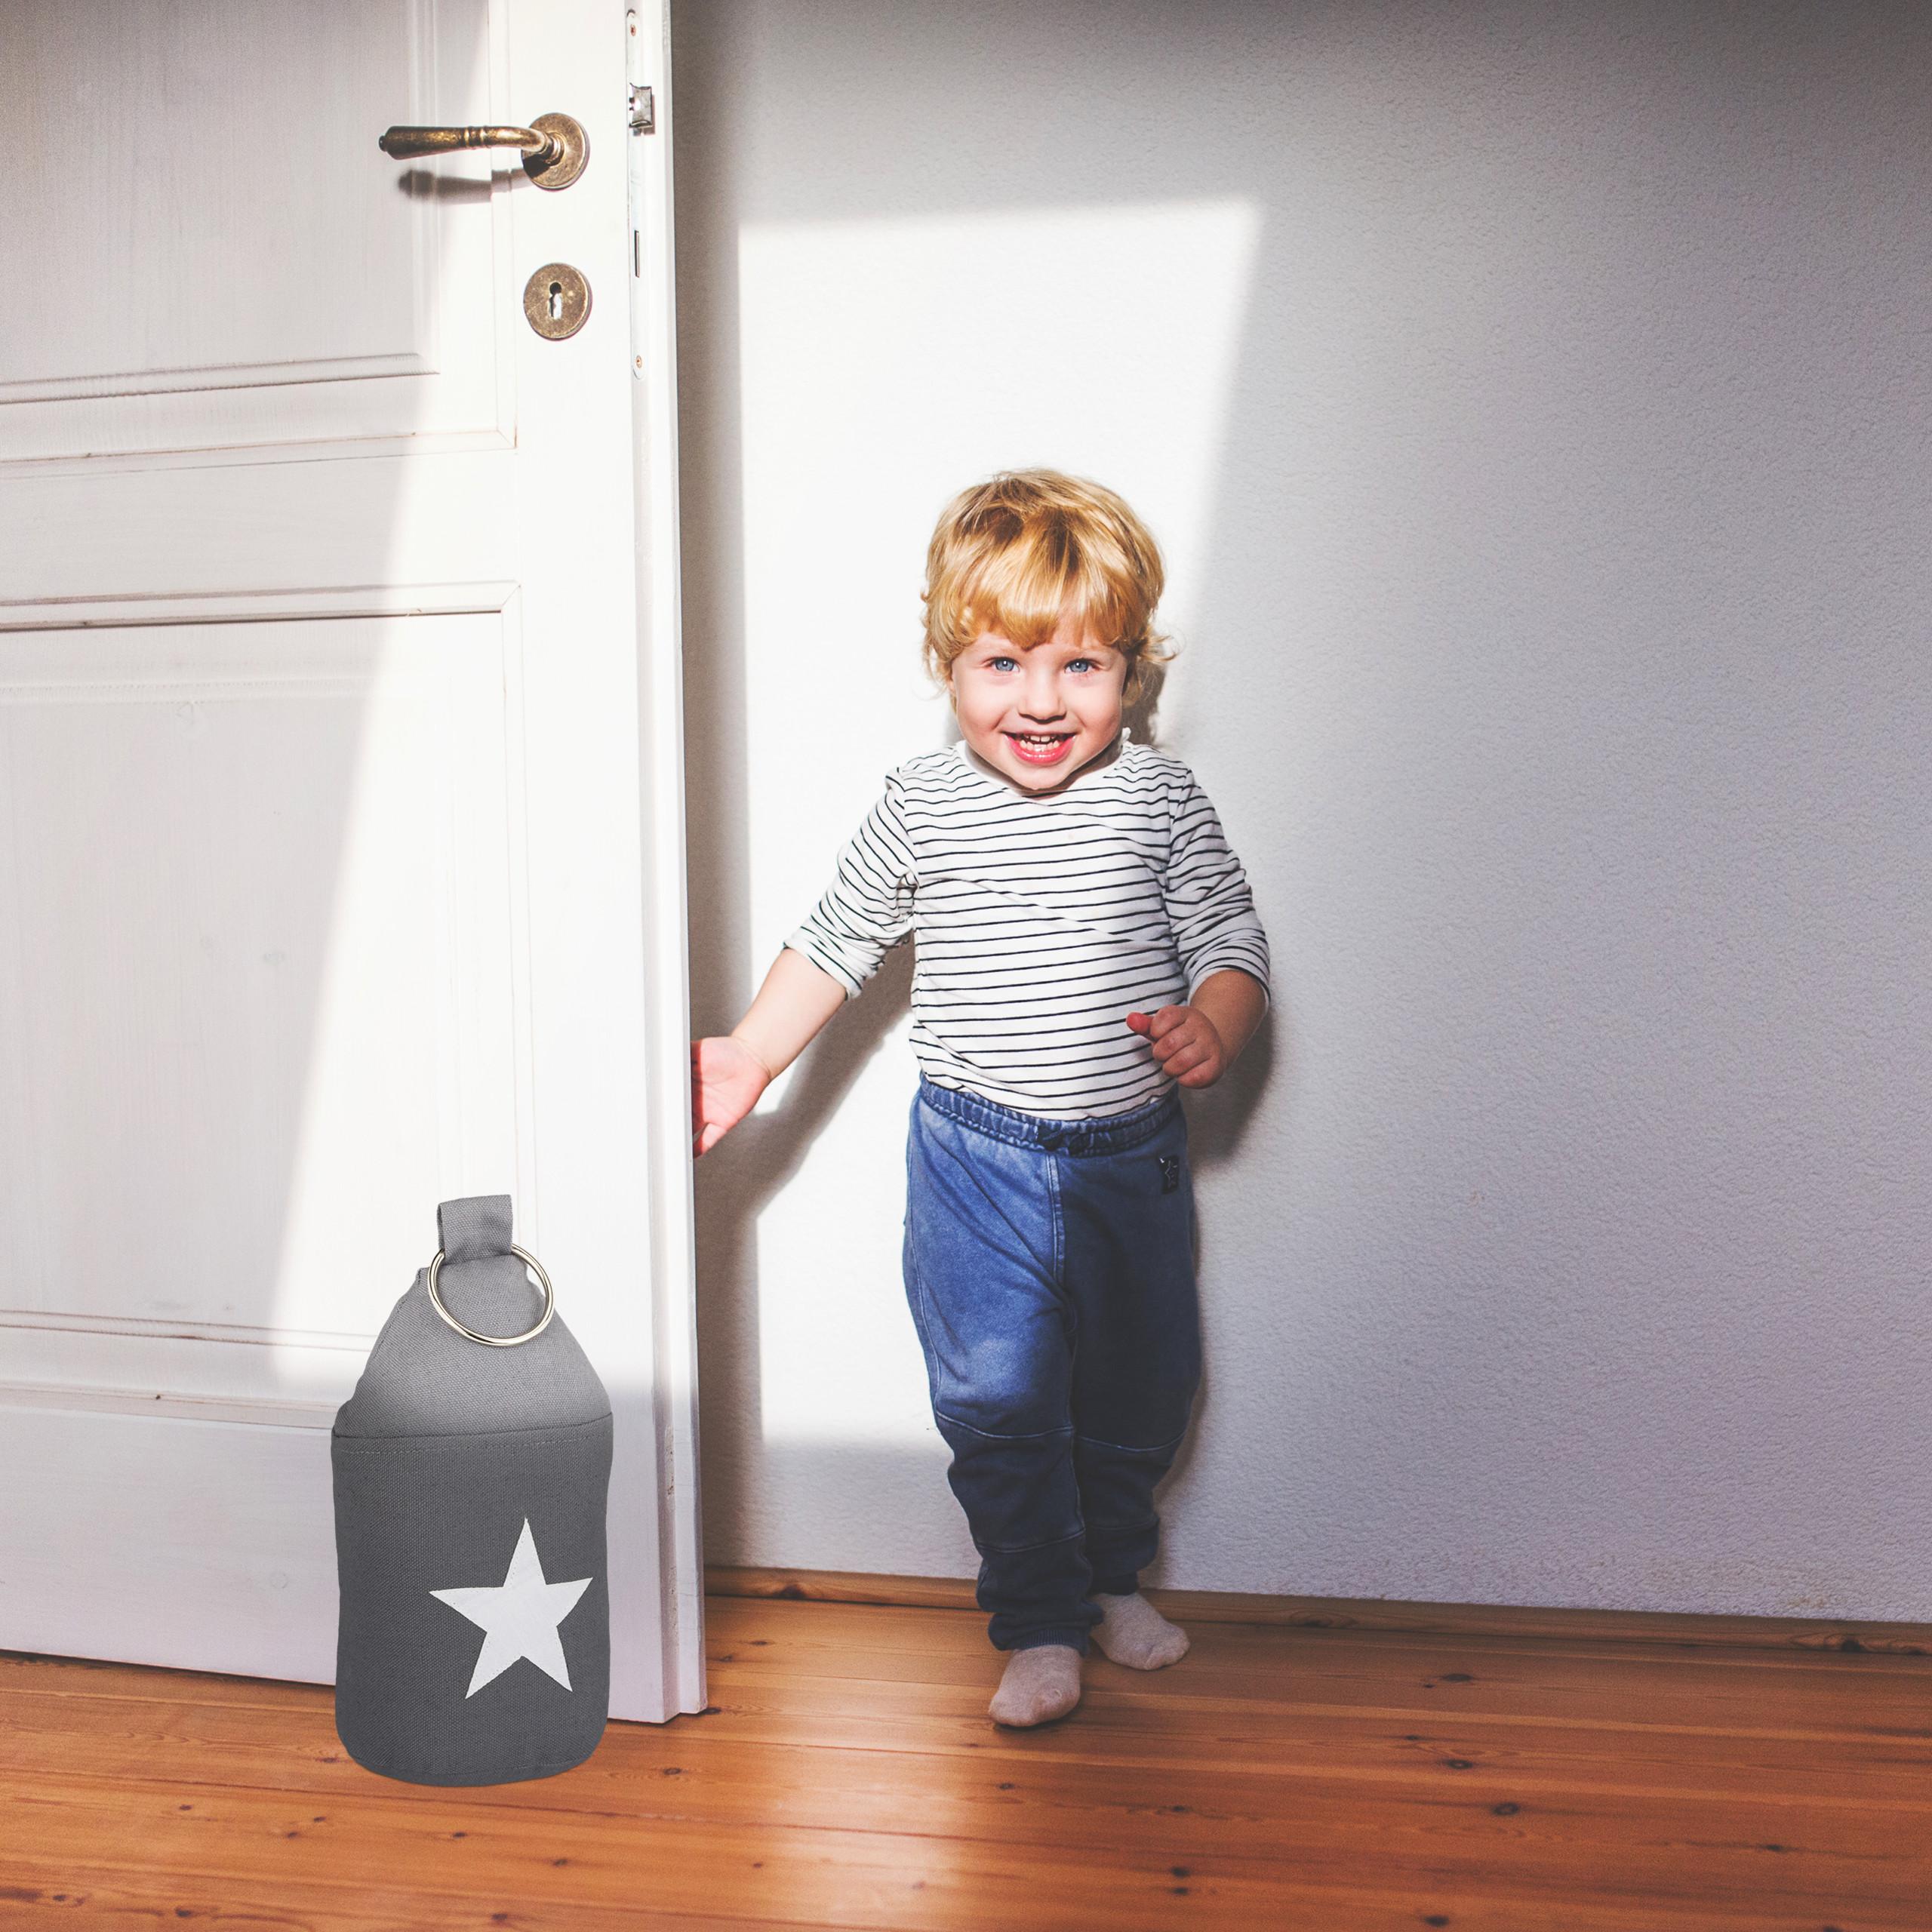 Door-Stop-with-Star-Fabric-Bumper-Floor-Doorstop-Tall-with-Handle-Chic thumbnail 9